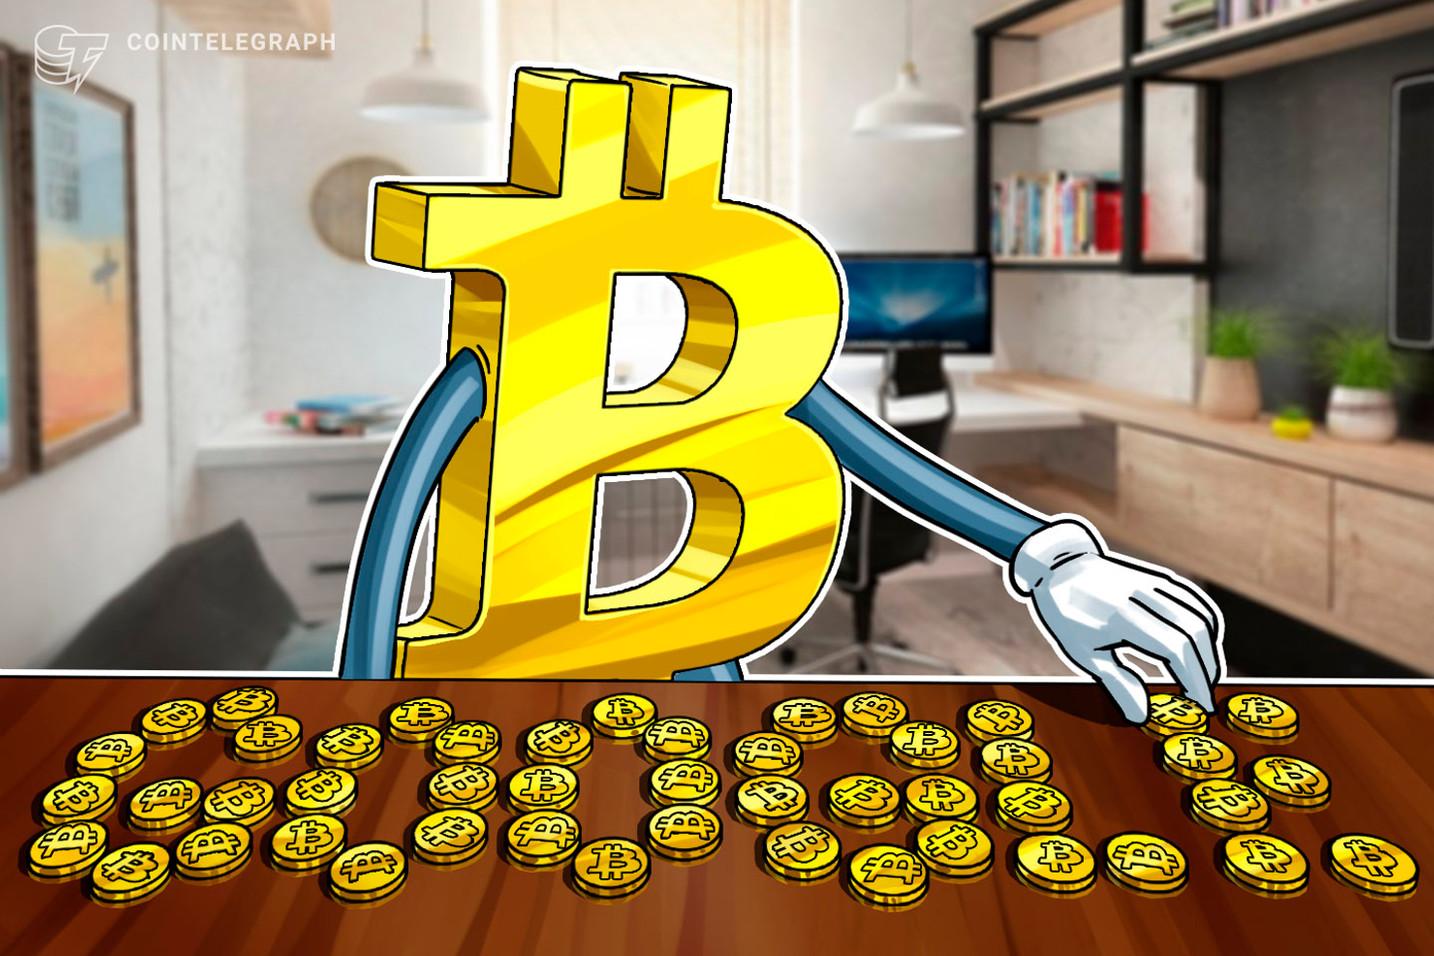 仮想通貨ビットコイン、冴えない展開続く 30%超割高との指標も